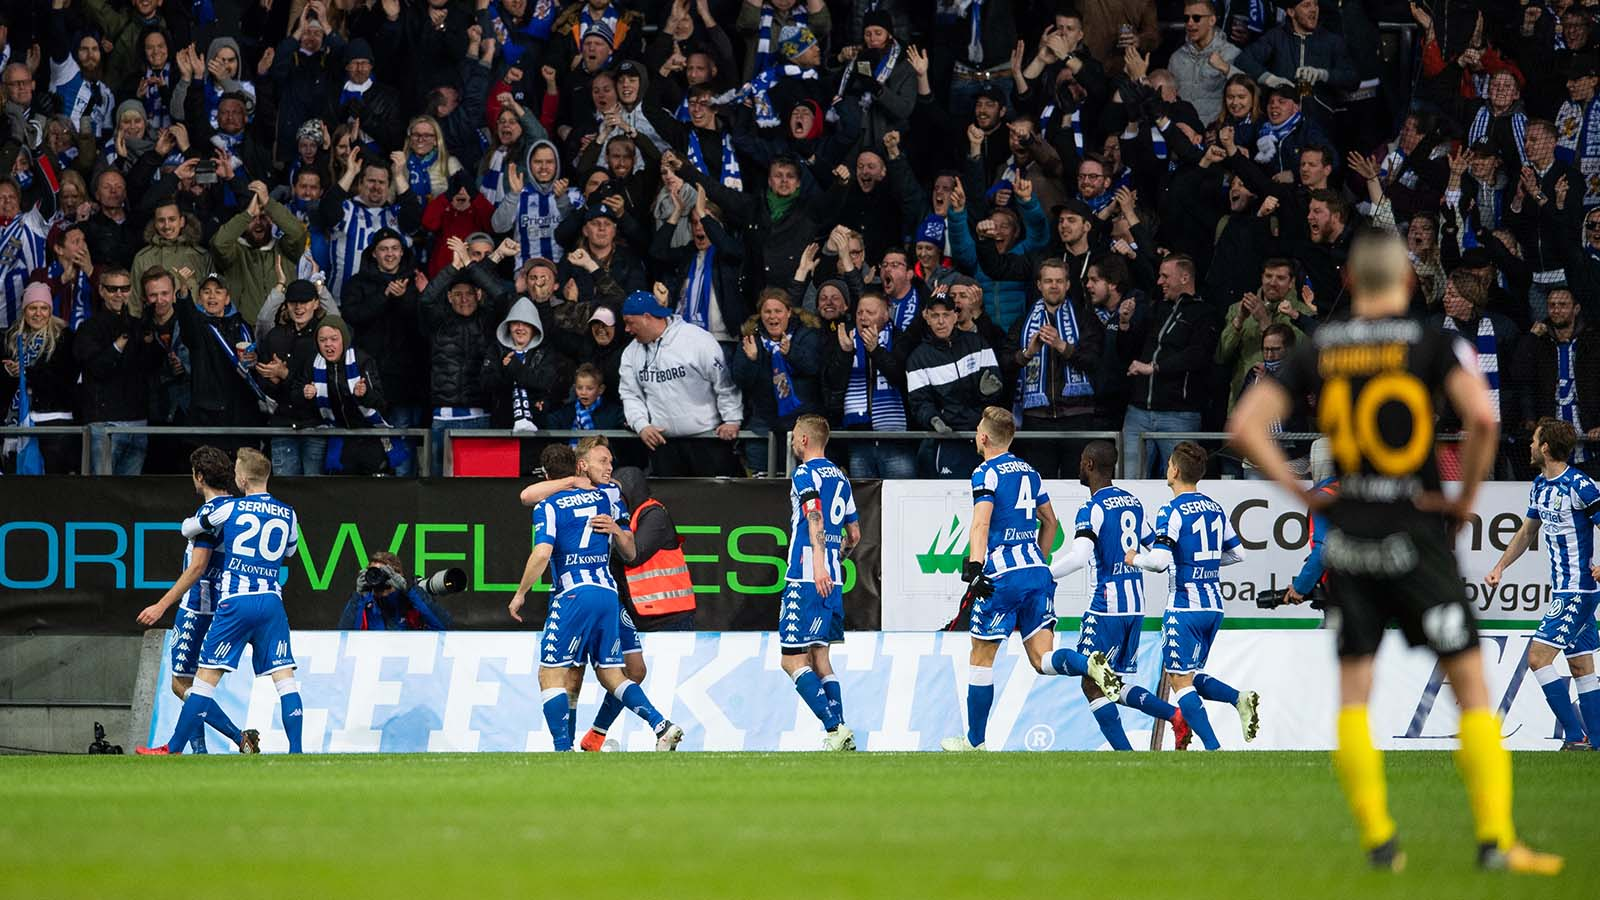 180410 IFK Göteborgs spelare jublar efter 1-0-målet med under fotbollsmatchen i Allsvenskan mellan IFK Göteborg och Hammarby den 10 april 2018 i Göteborg. Foto: Carl Sandin / BILDBYRÅN / kod CS /